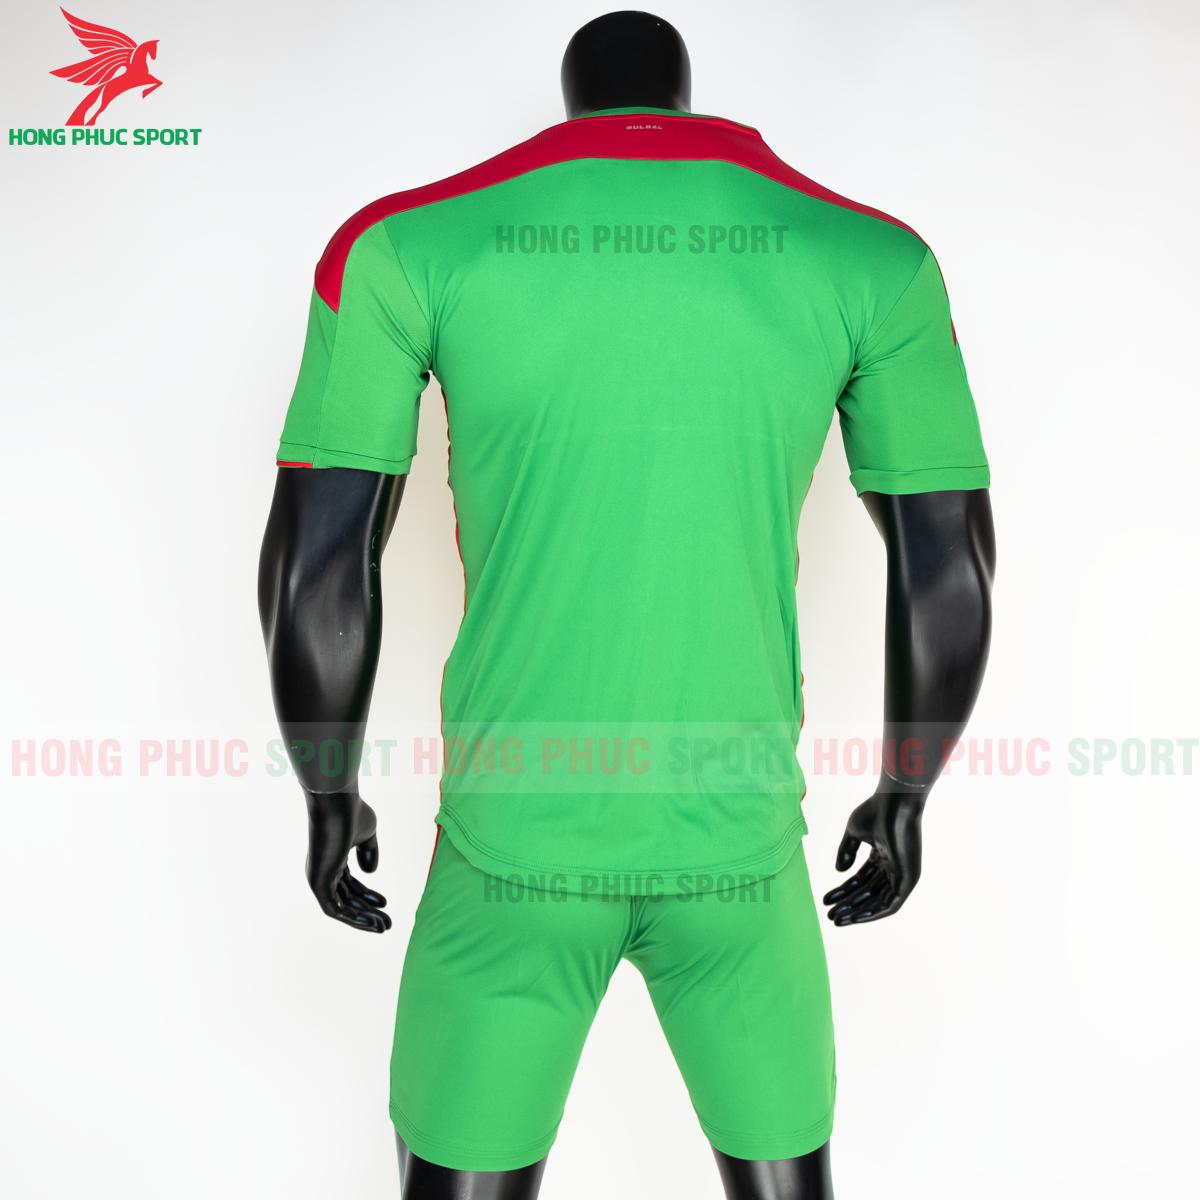 Áo đá banh không logo Bulbal Lotus 2021 màu Xanh lá (sau)